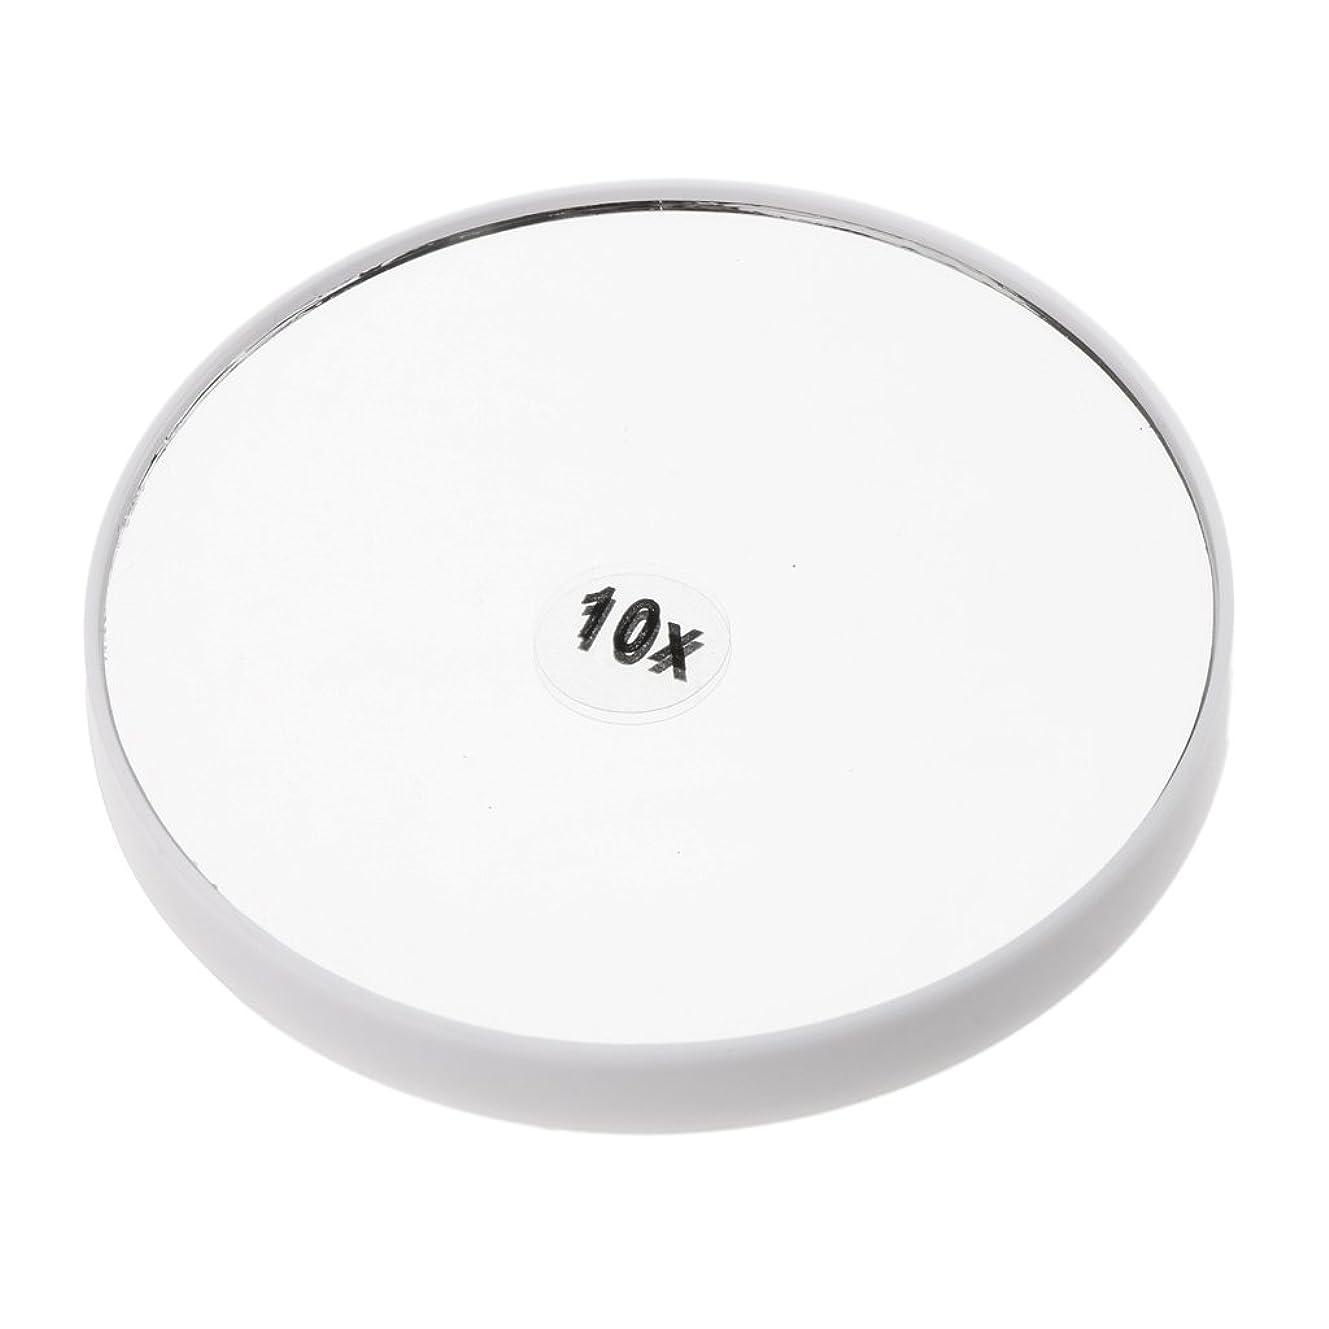 エスカレート学士移動するPerfk メイクアップミラー 化粧鏡 10倍拡大鏡 強力吸盤付き 円型 シンプルデザイン 耐久性 高品質 2色選べる - 白